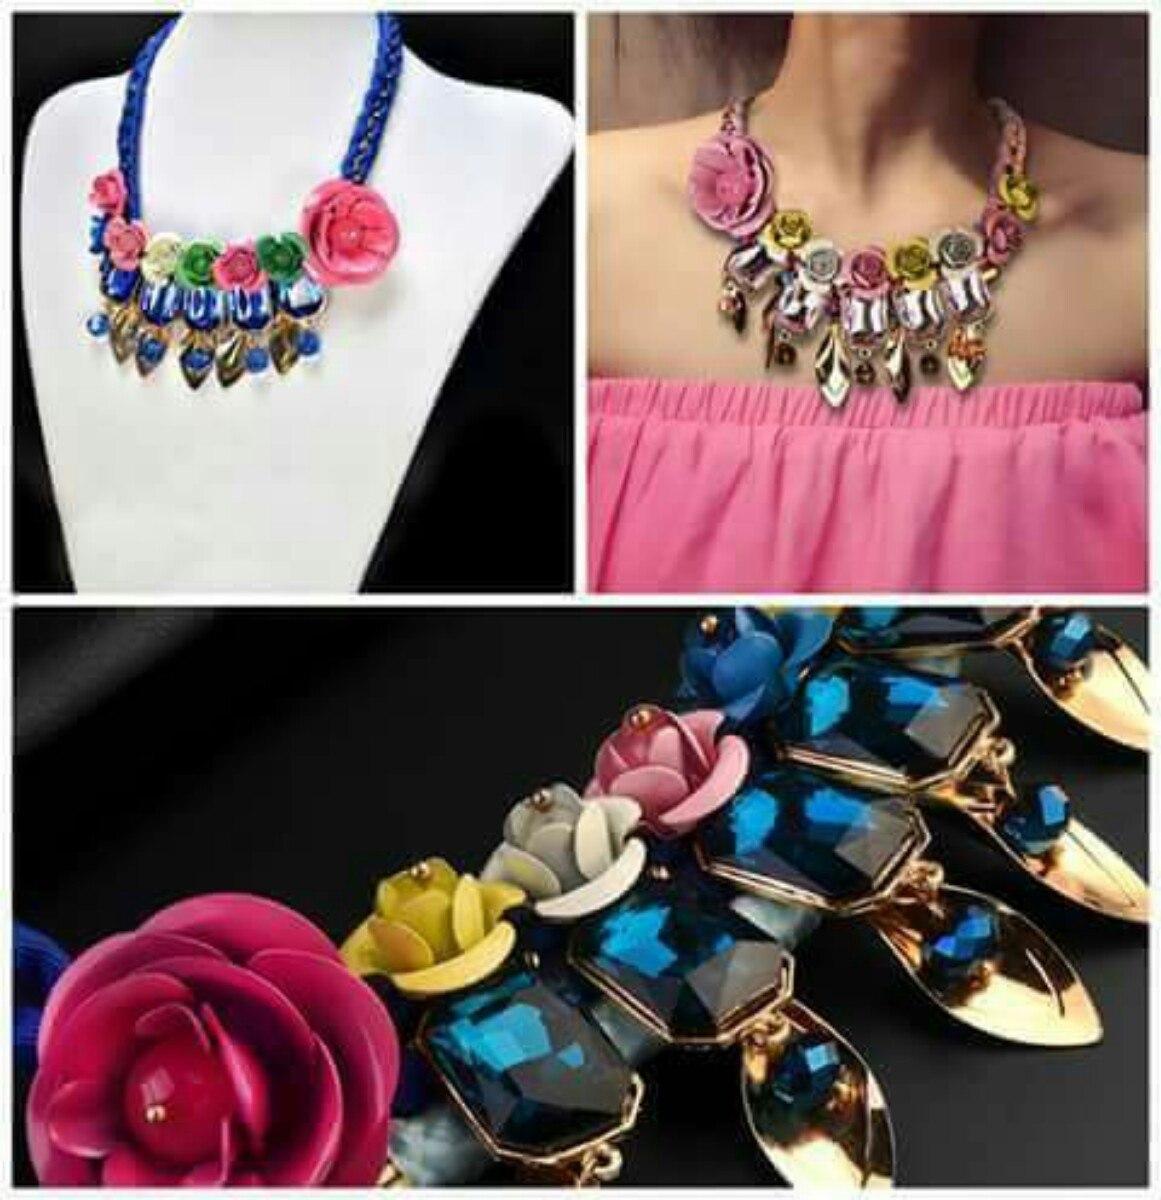 10c36c0a529c Collar De Flores De Moda Accesorios Bisuteria Regalo Dama -   179.00 ...